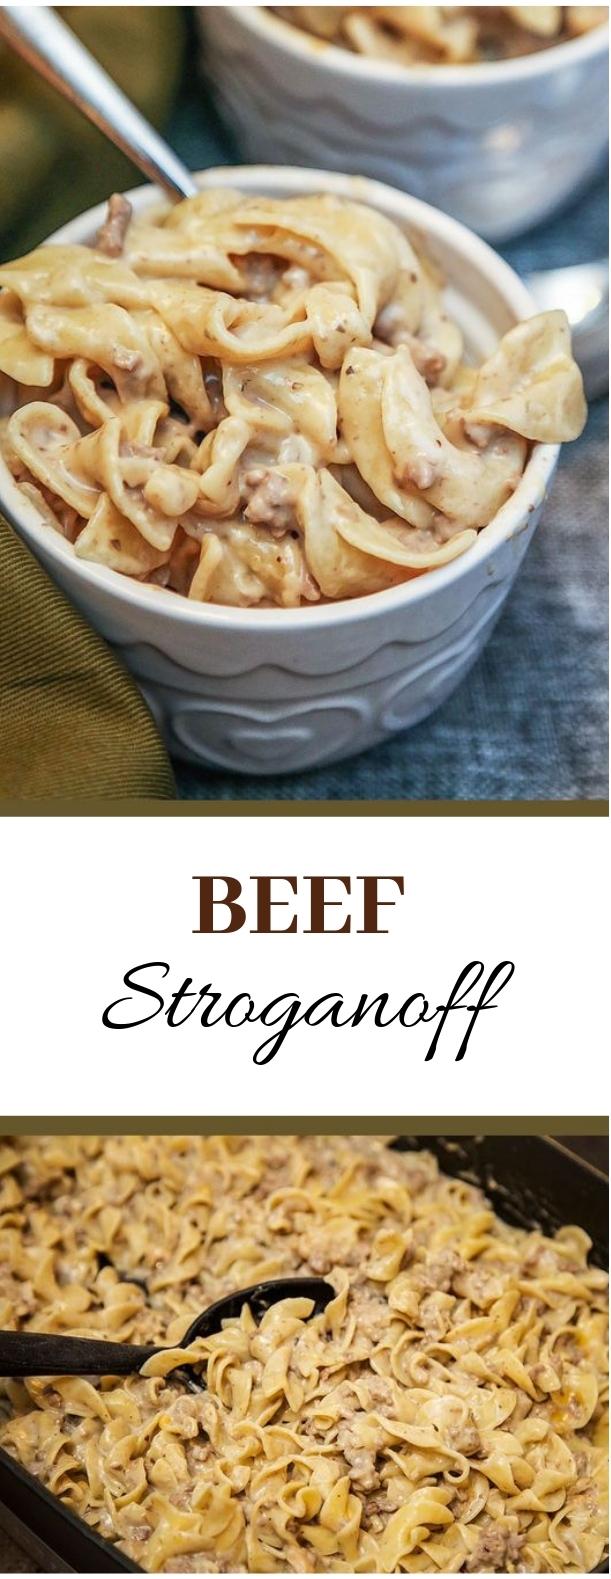 Beef Stroganoff #beef #pasta